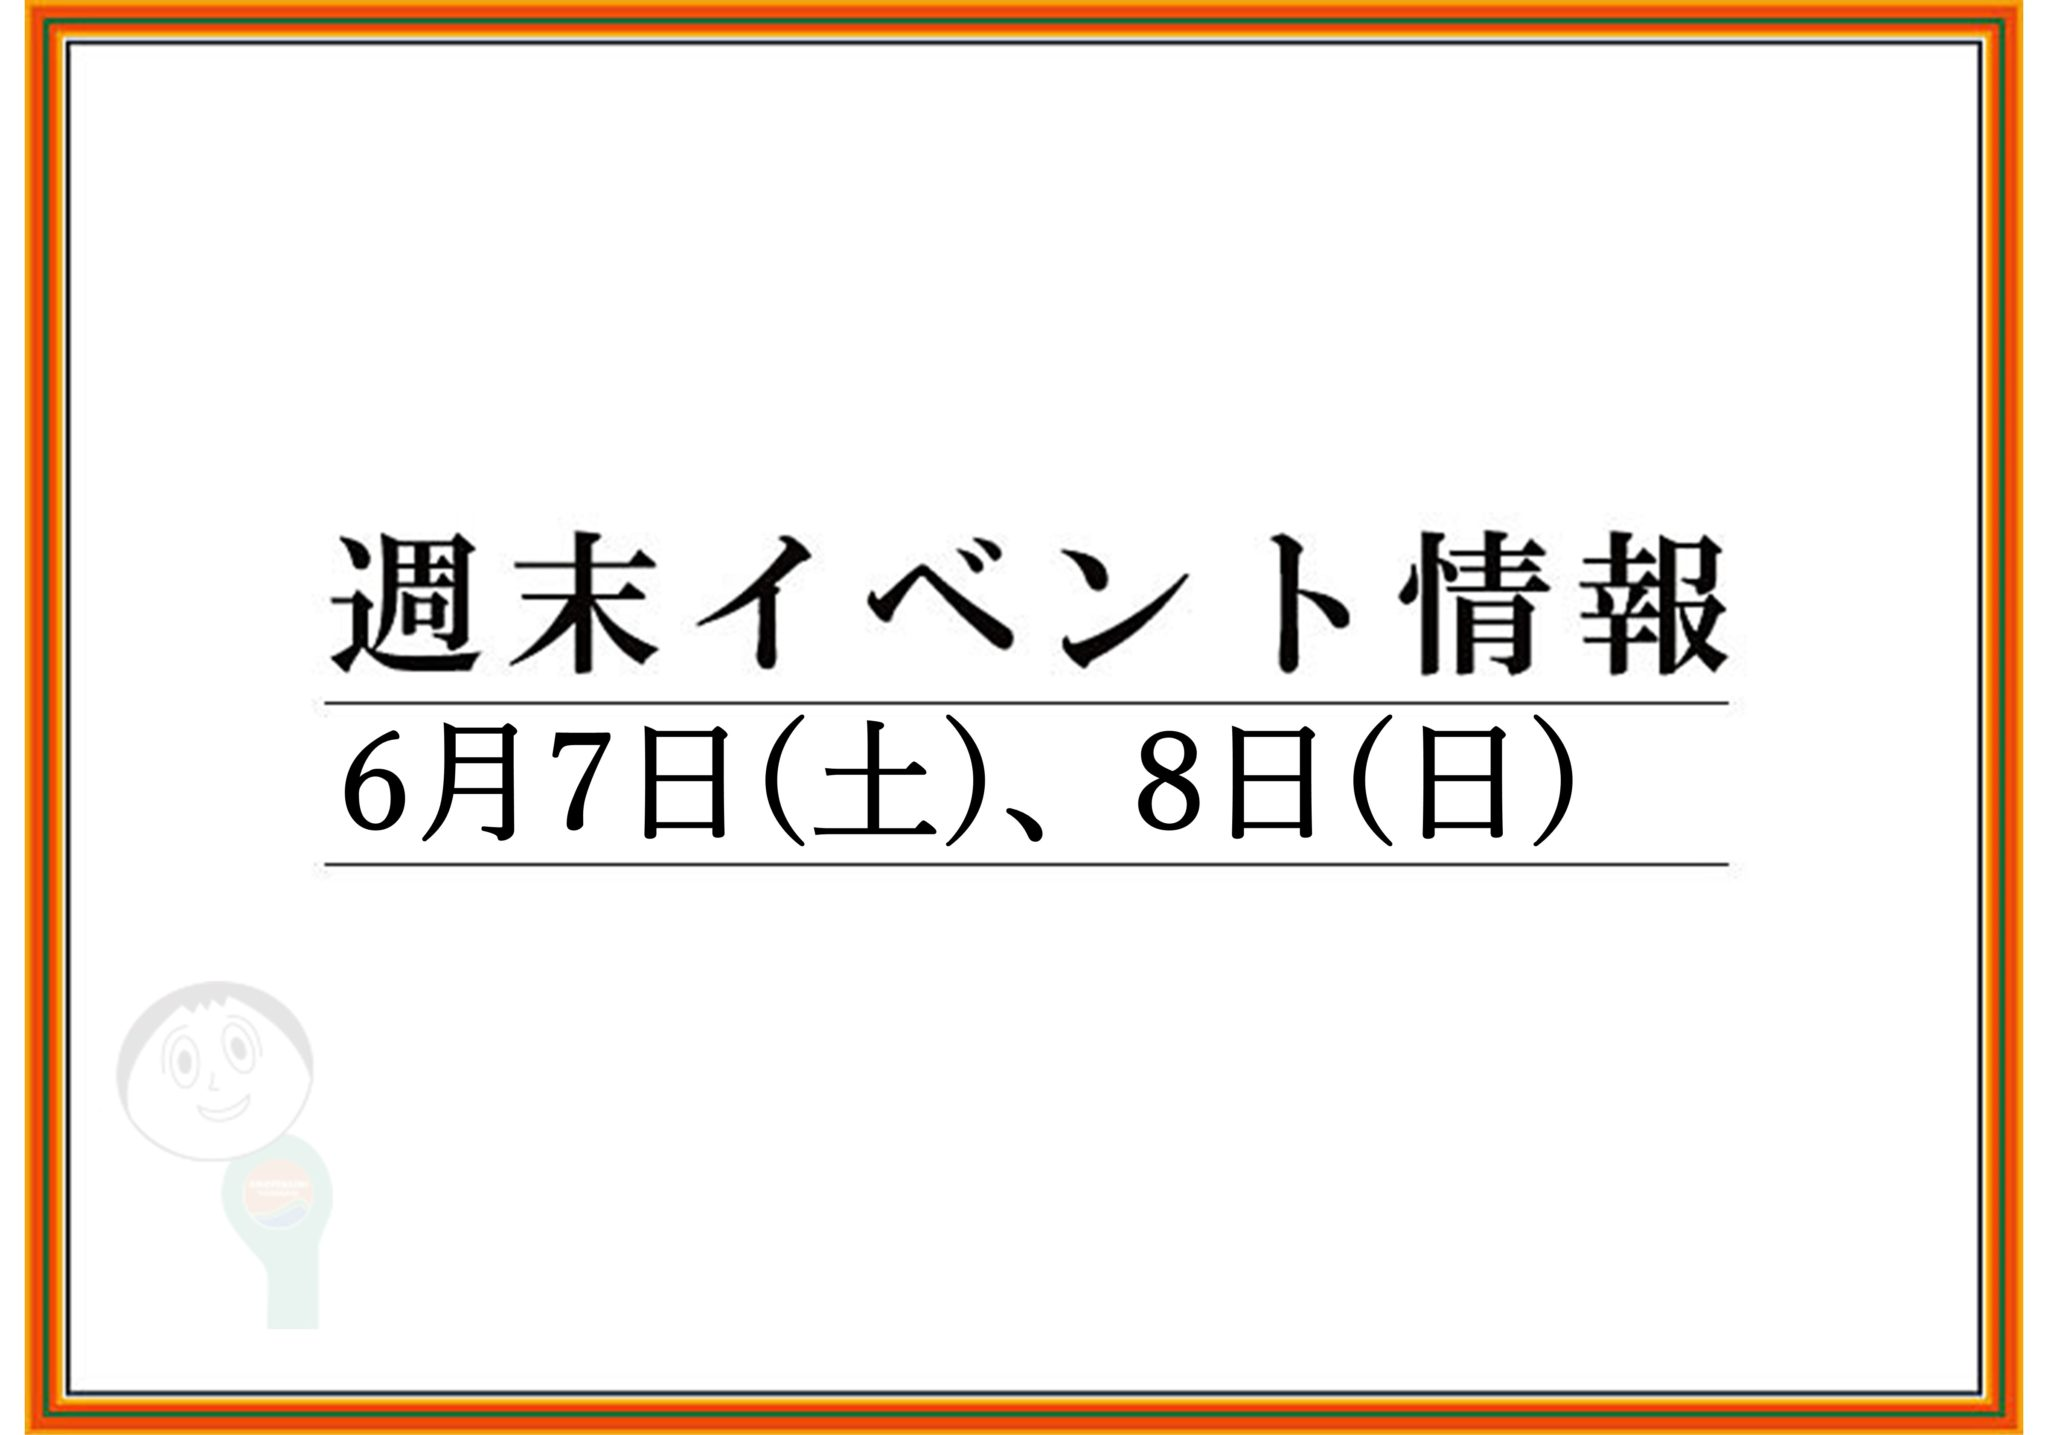 山形市周辺の週末イベント情報 6月8日(土),9日(日)